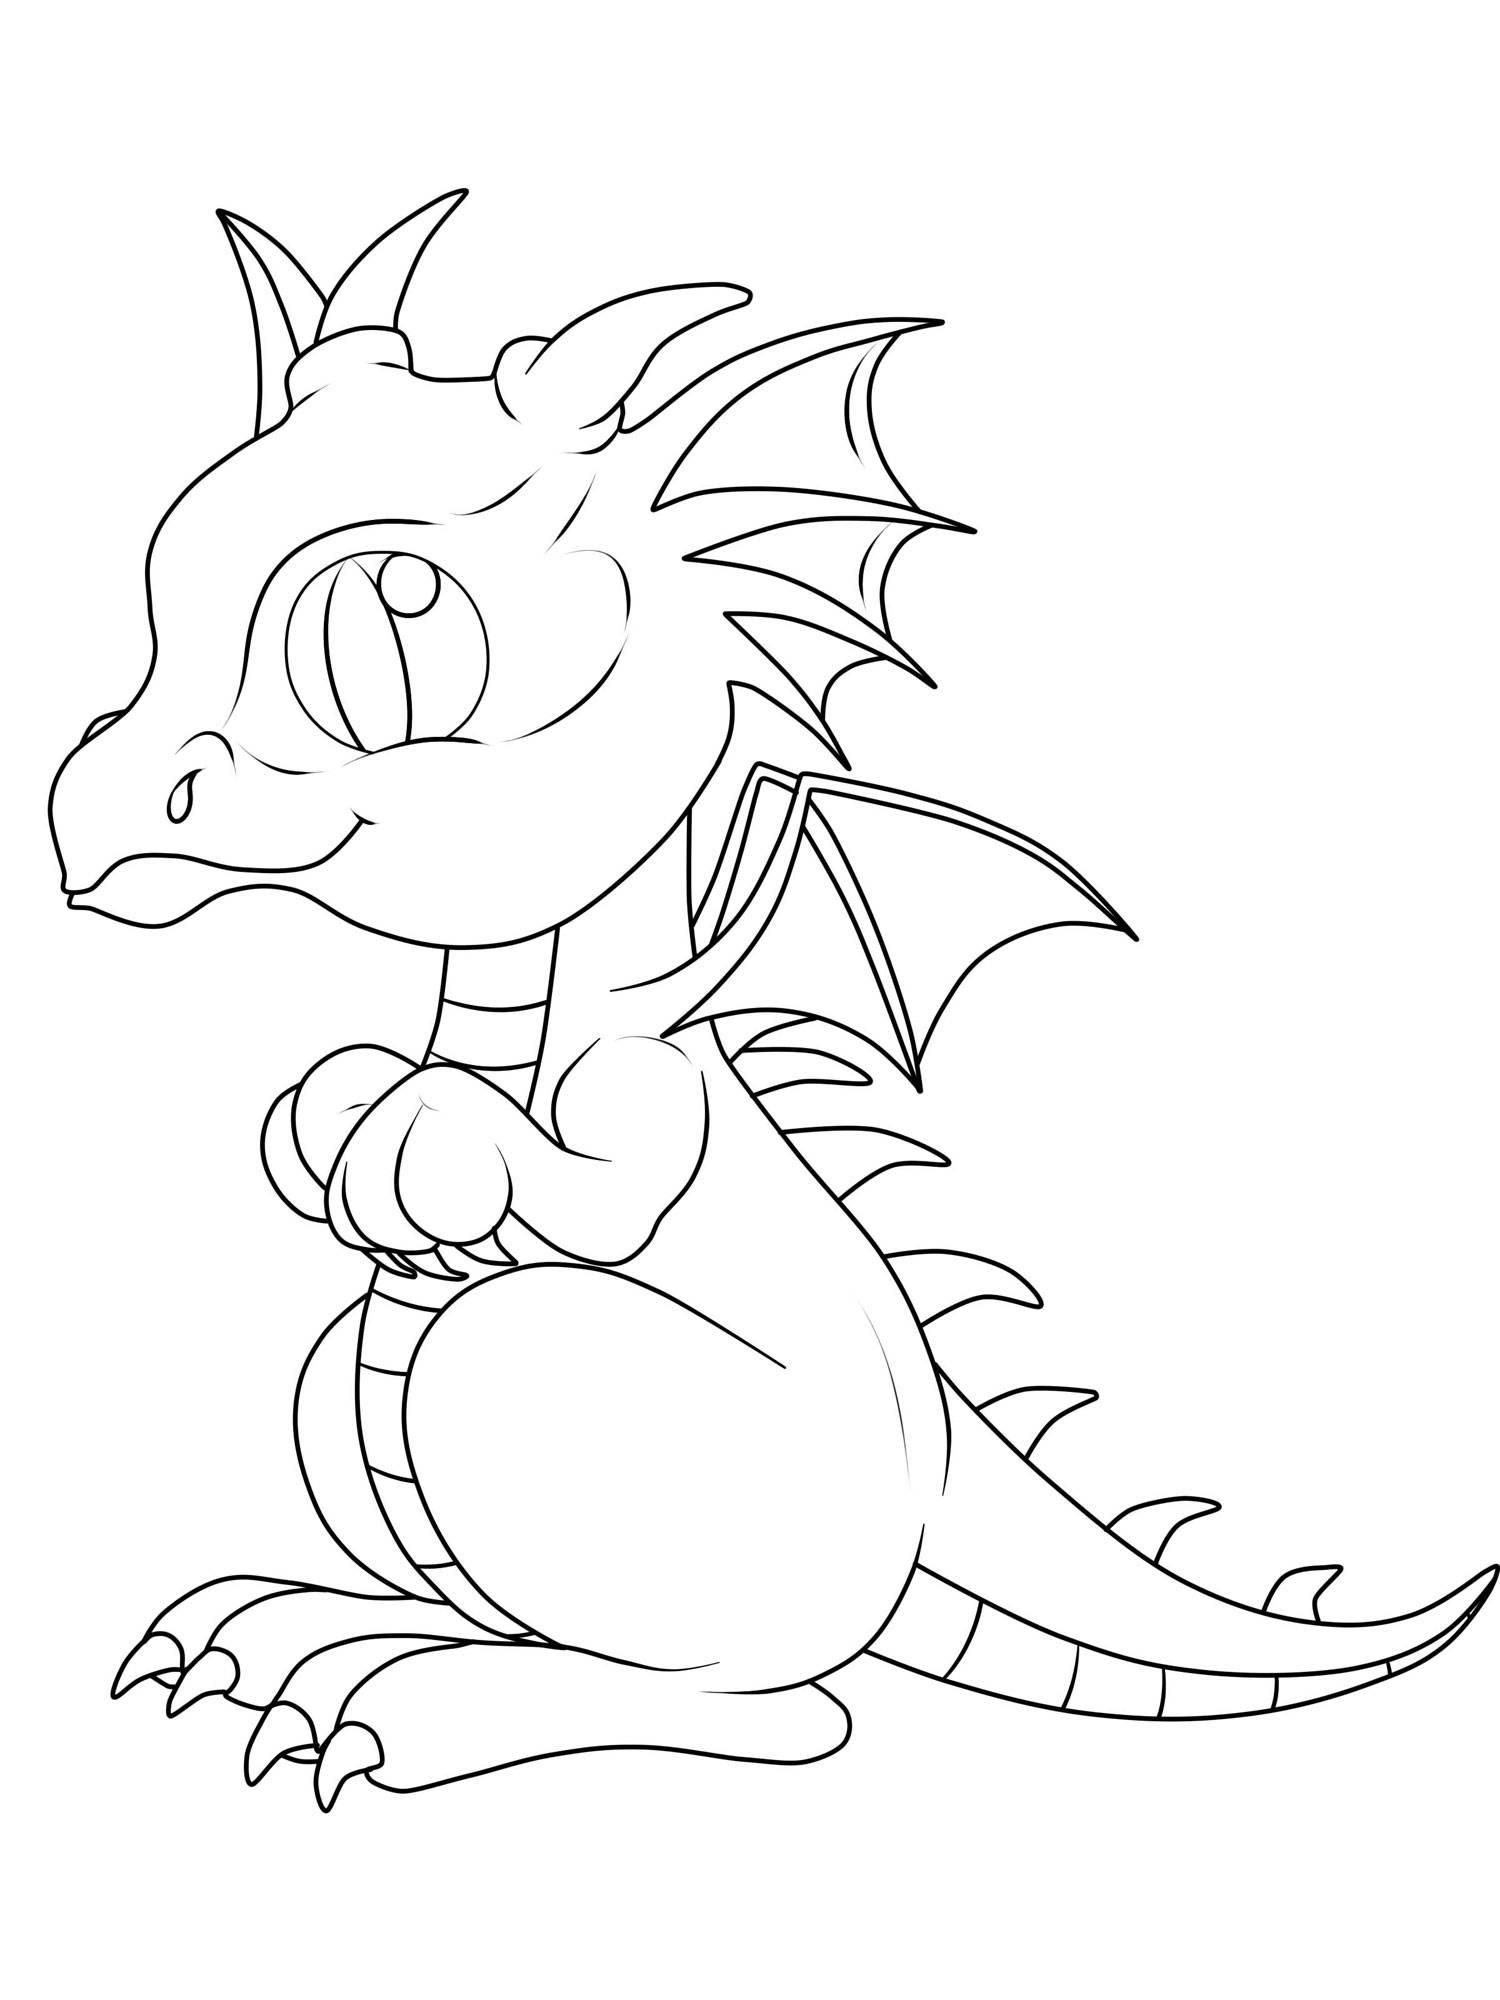 ausmalbilder drachen erwachsene  zeichnen und färben